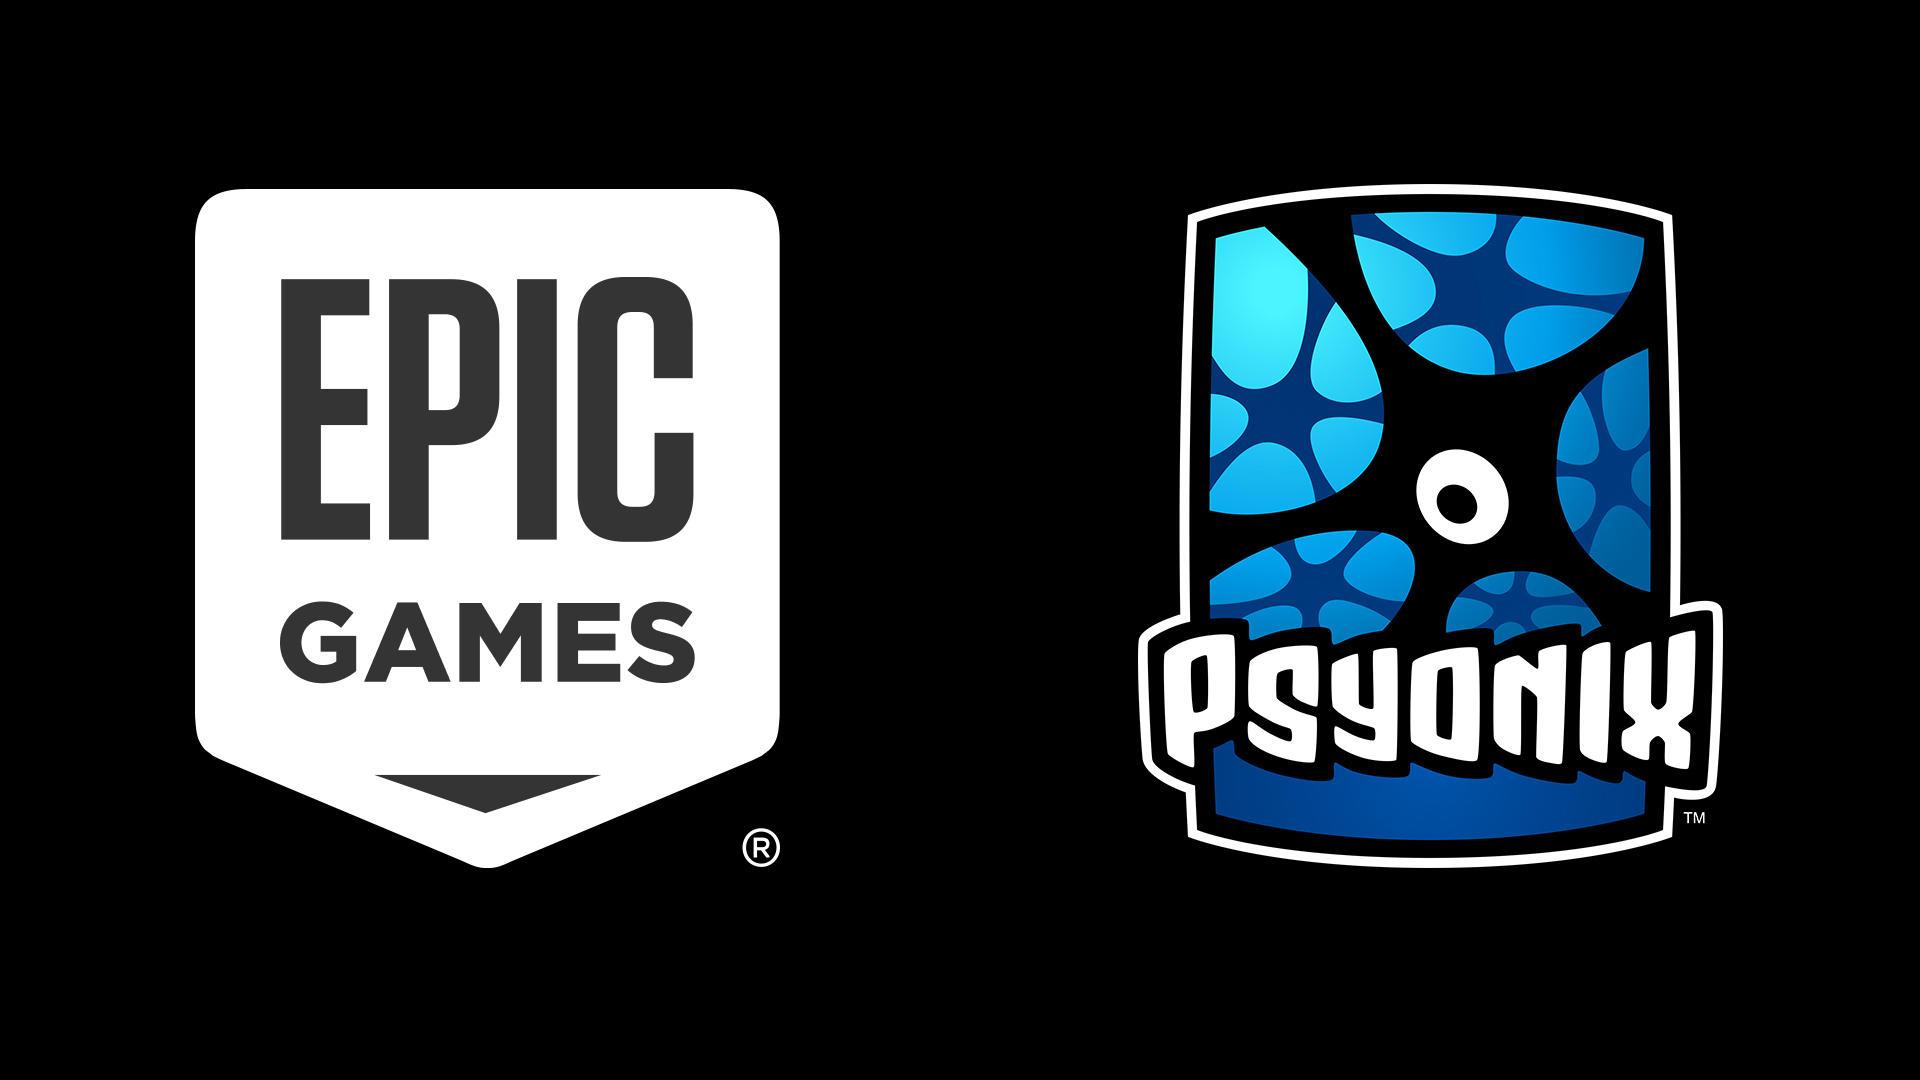 Epic Games adquire o estúdio Psyonix, desenvolvedora de Rocket League